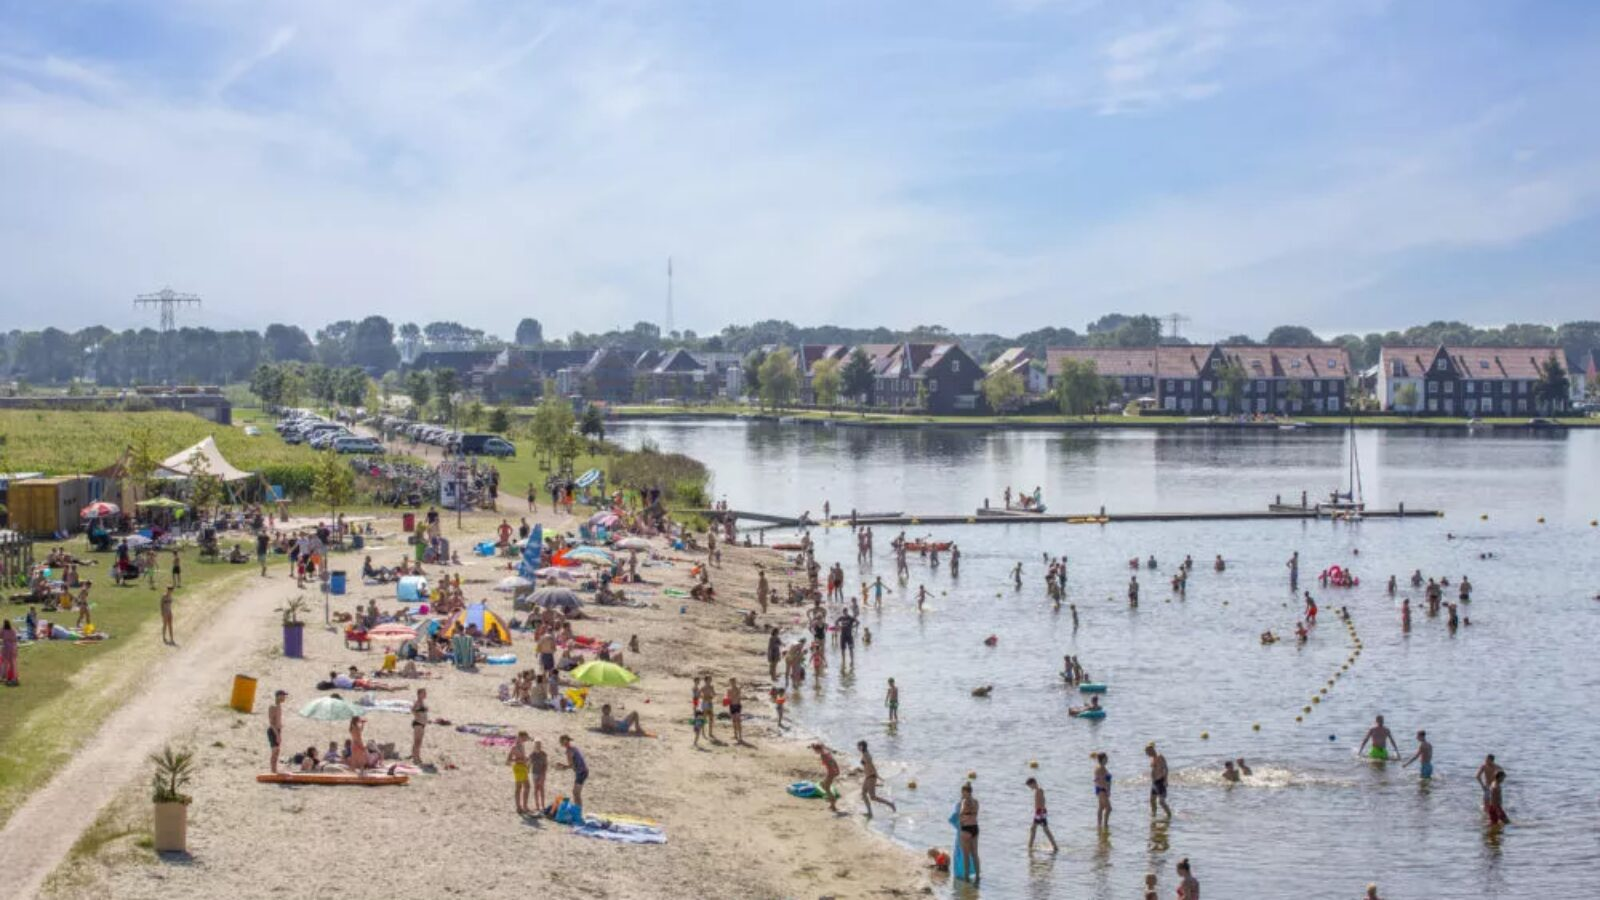 Strand Meeroevers gedeeltelijk toegankelijk van 12 t/m 16 juli